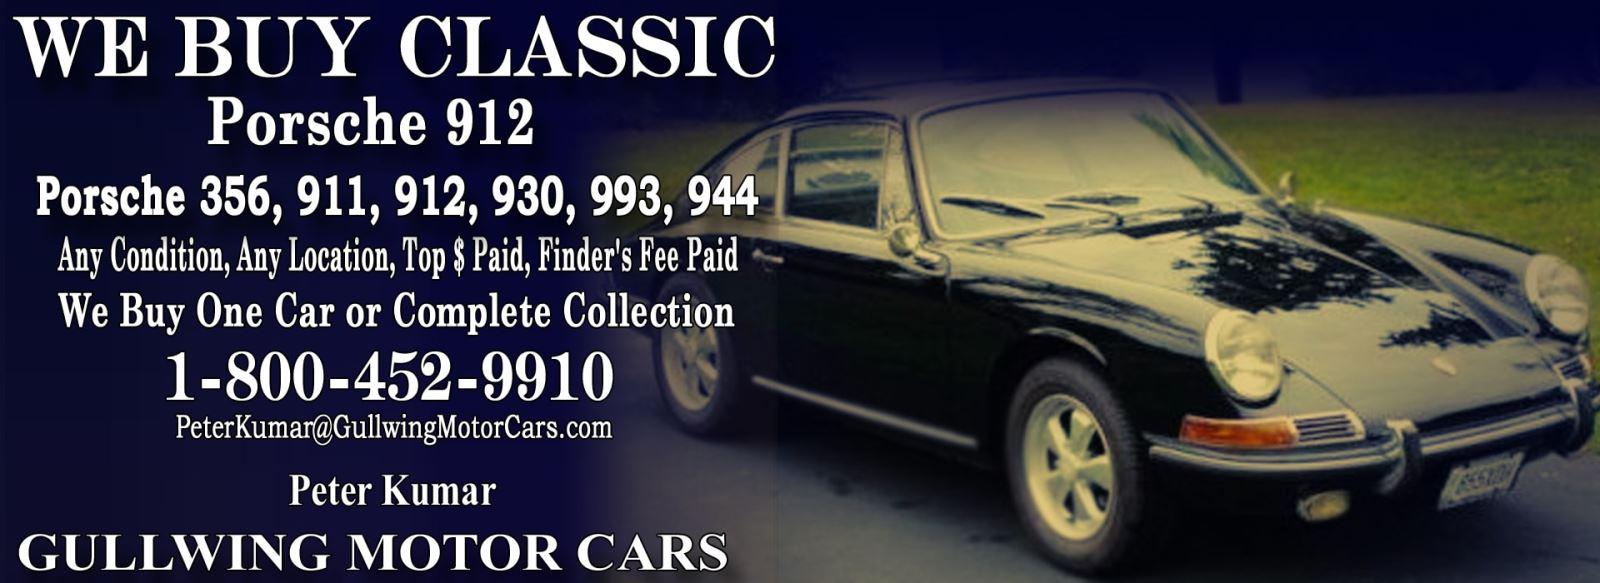 Classic Porsche 912 for sale, we buy vintage Porsche 912. Call Peter Kumar. Gullwing Motor